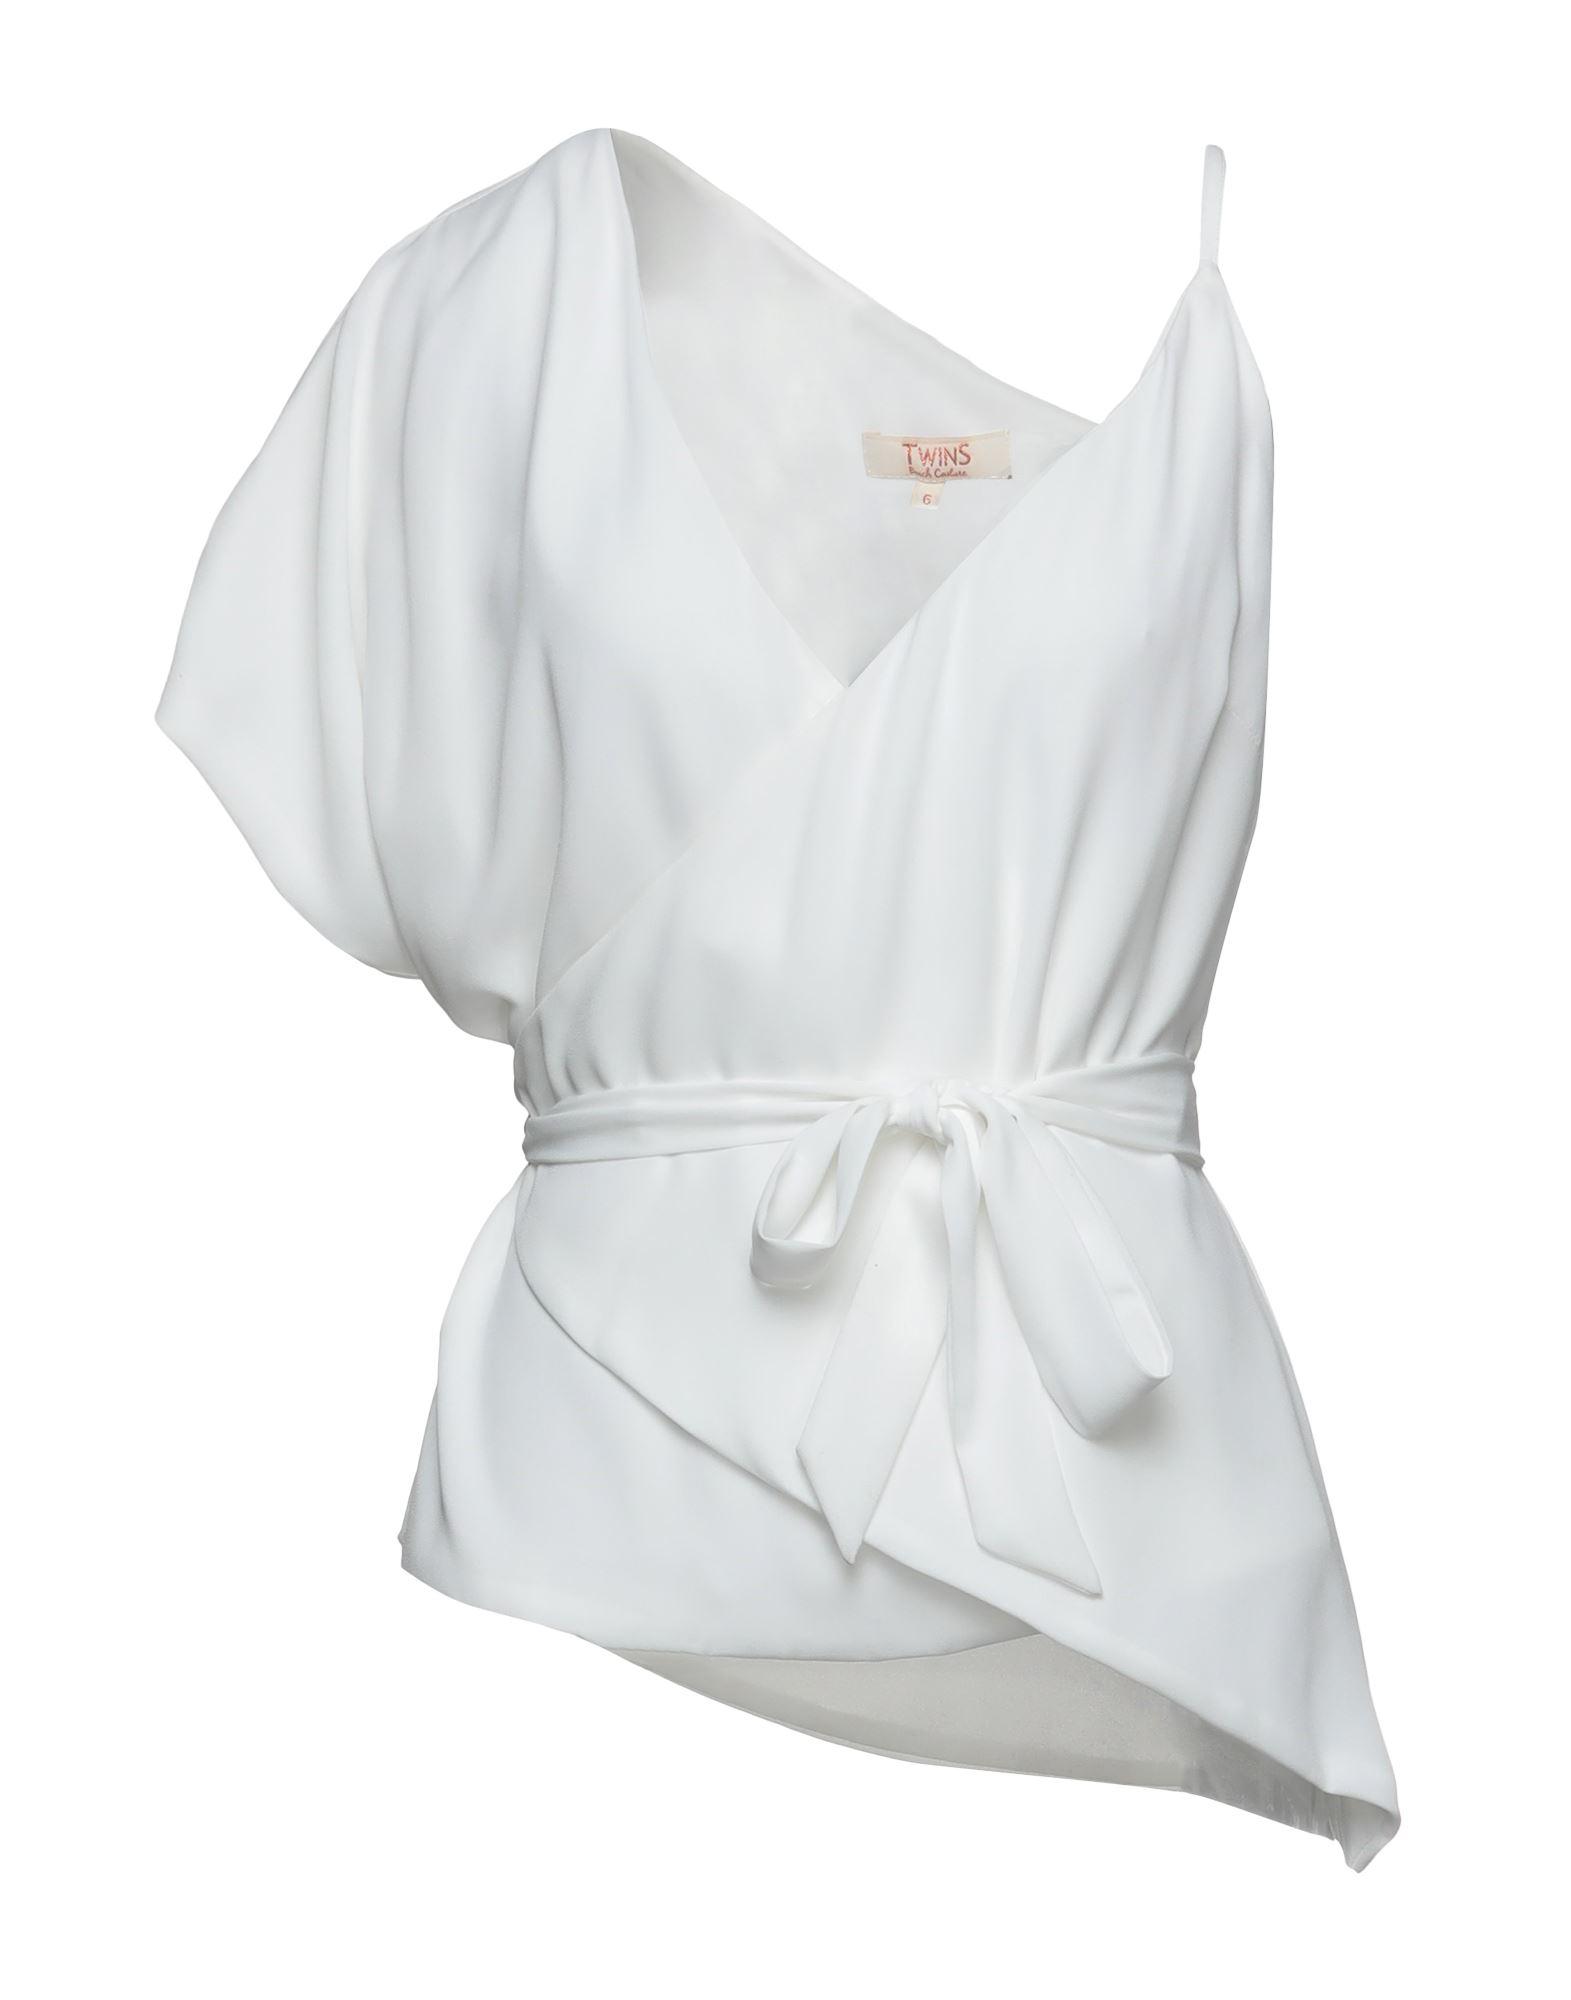 трусы купальные rcrescentini beach couture купальники раздельные TWINS BEACH COUTURE Топ без рукавов